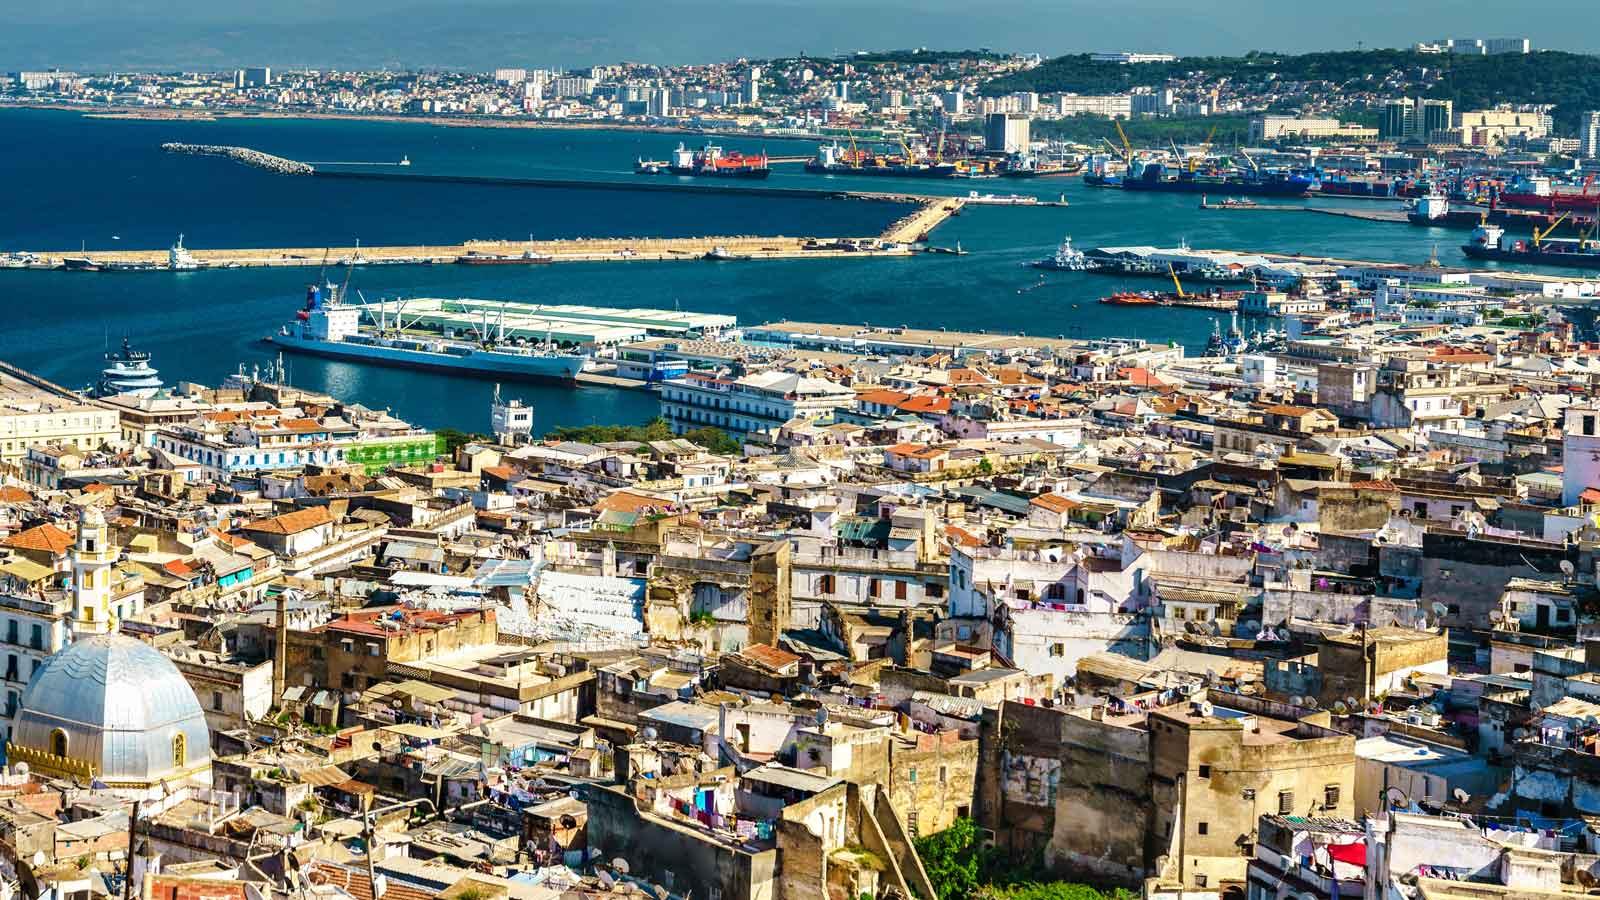 Cezayir Şehrindeki Türk Firmaları